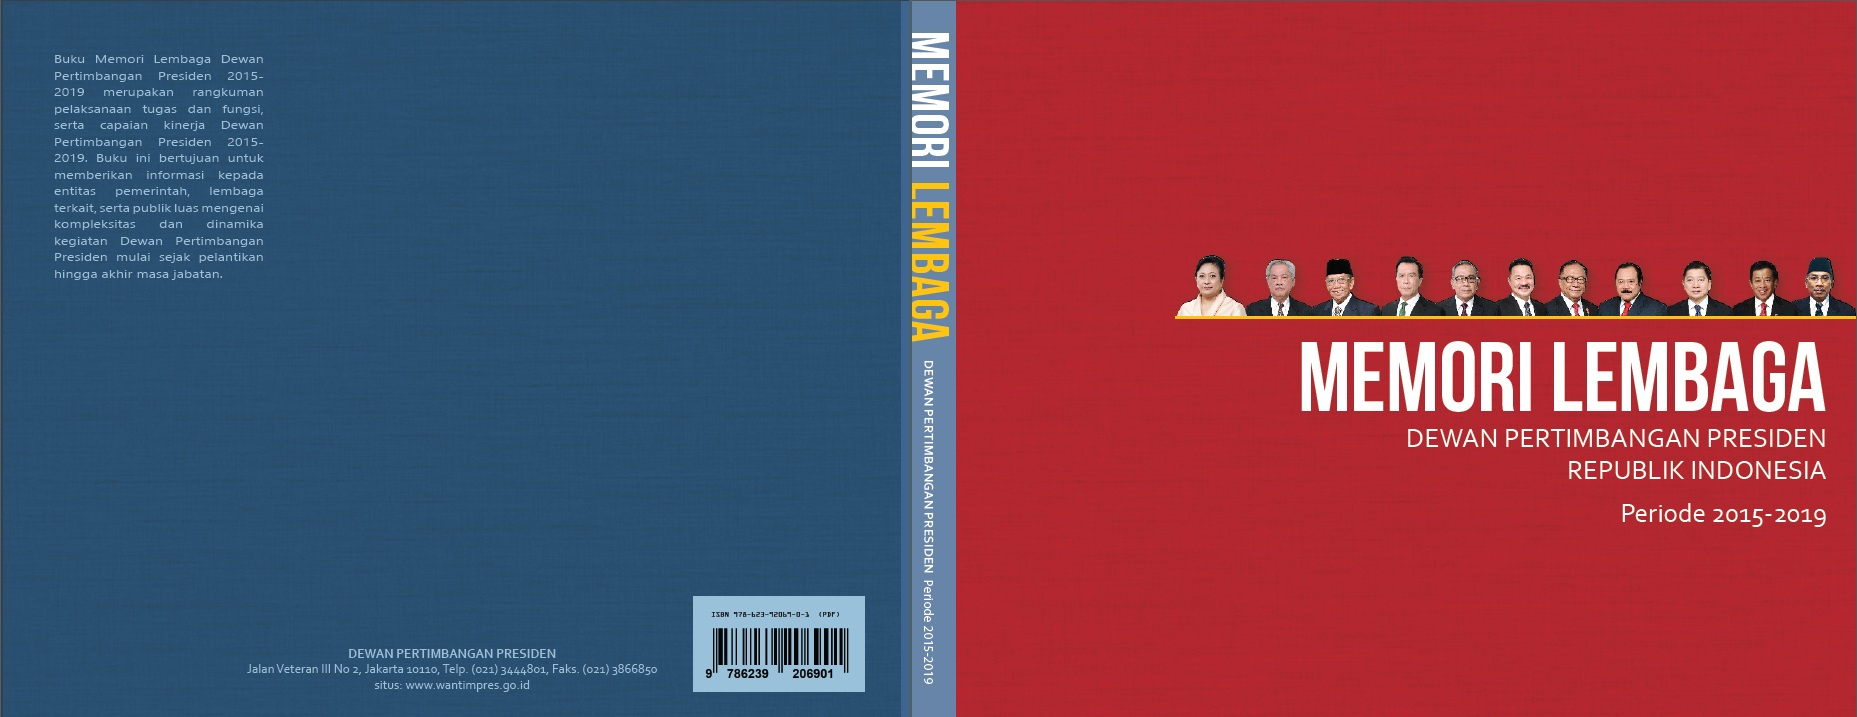 Buku Memori Lembaga